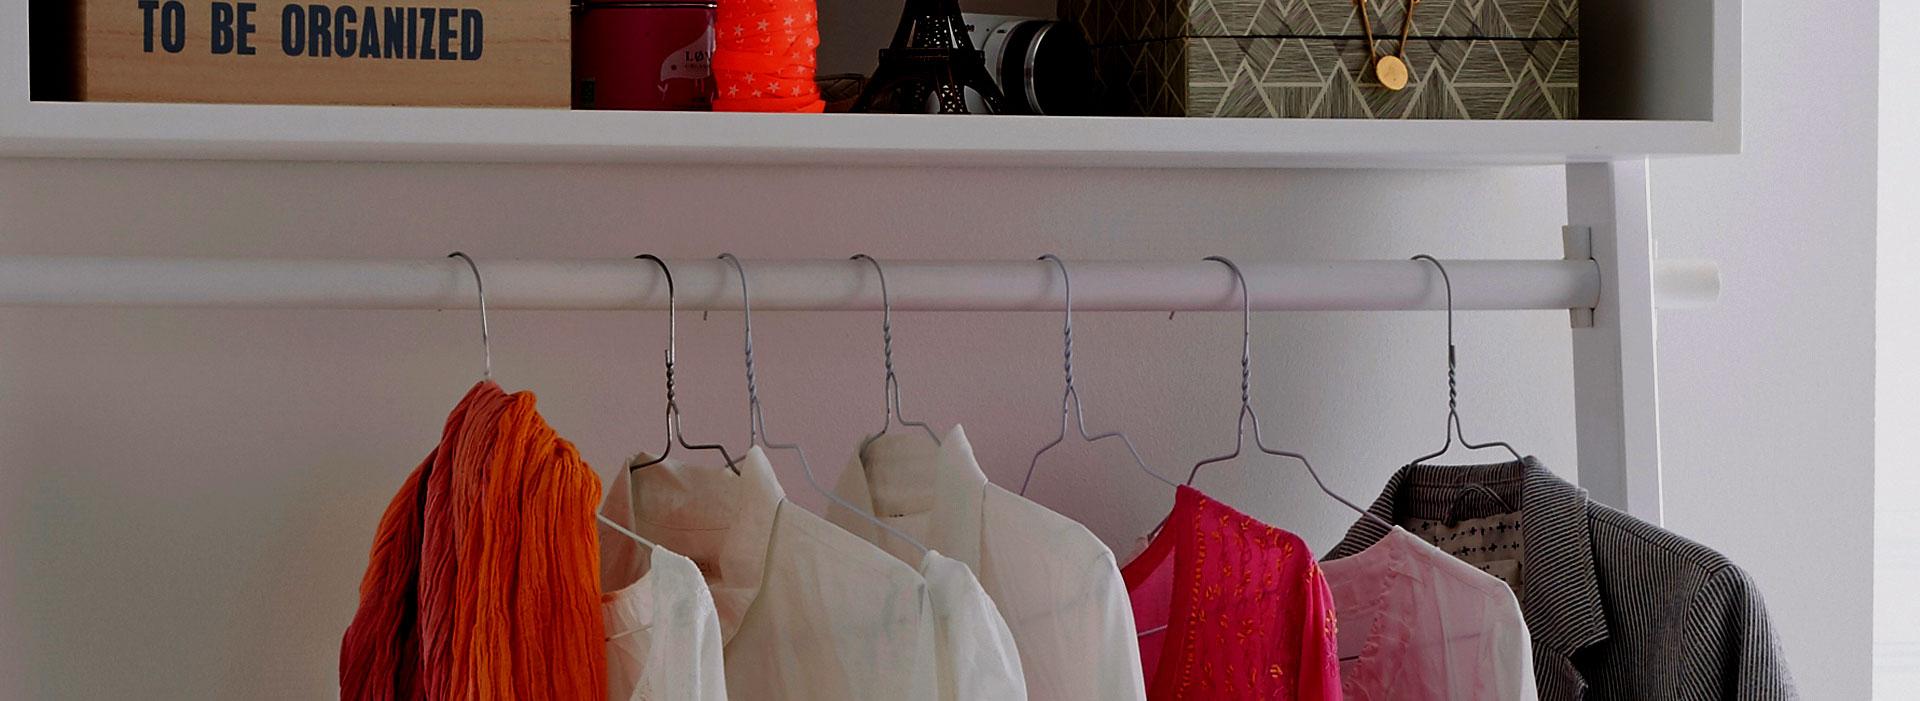 Creatief met kledingkasten: 7 oplossingen